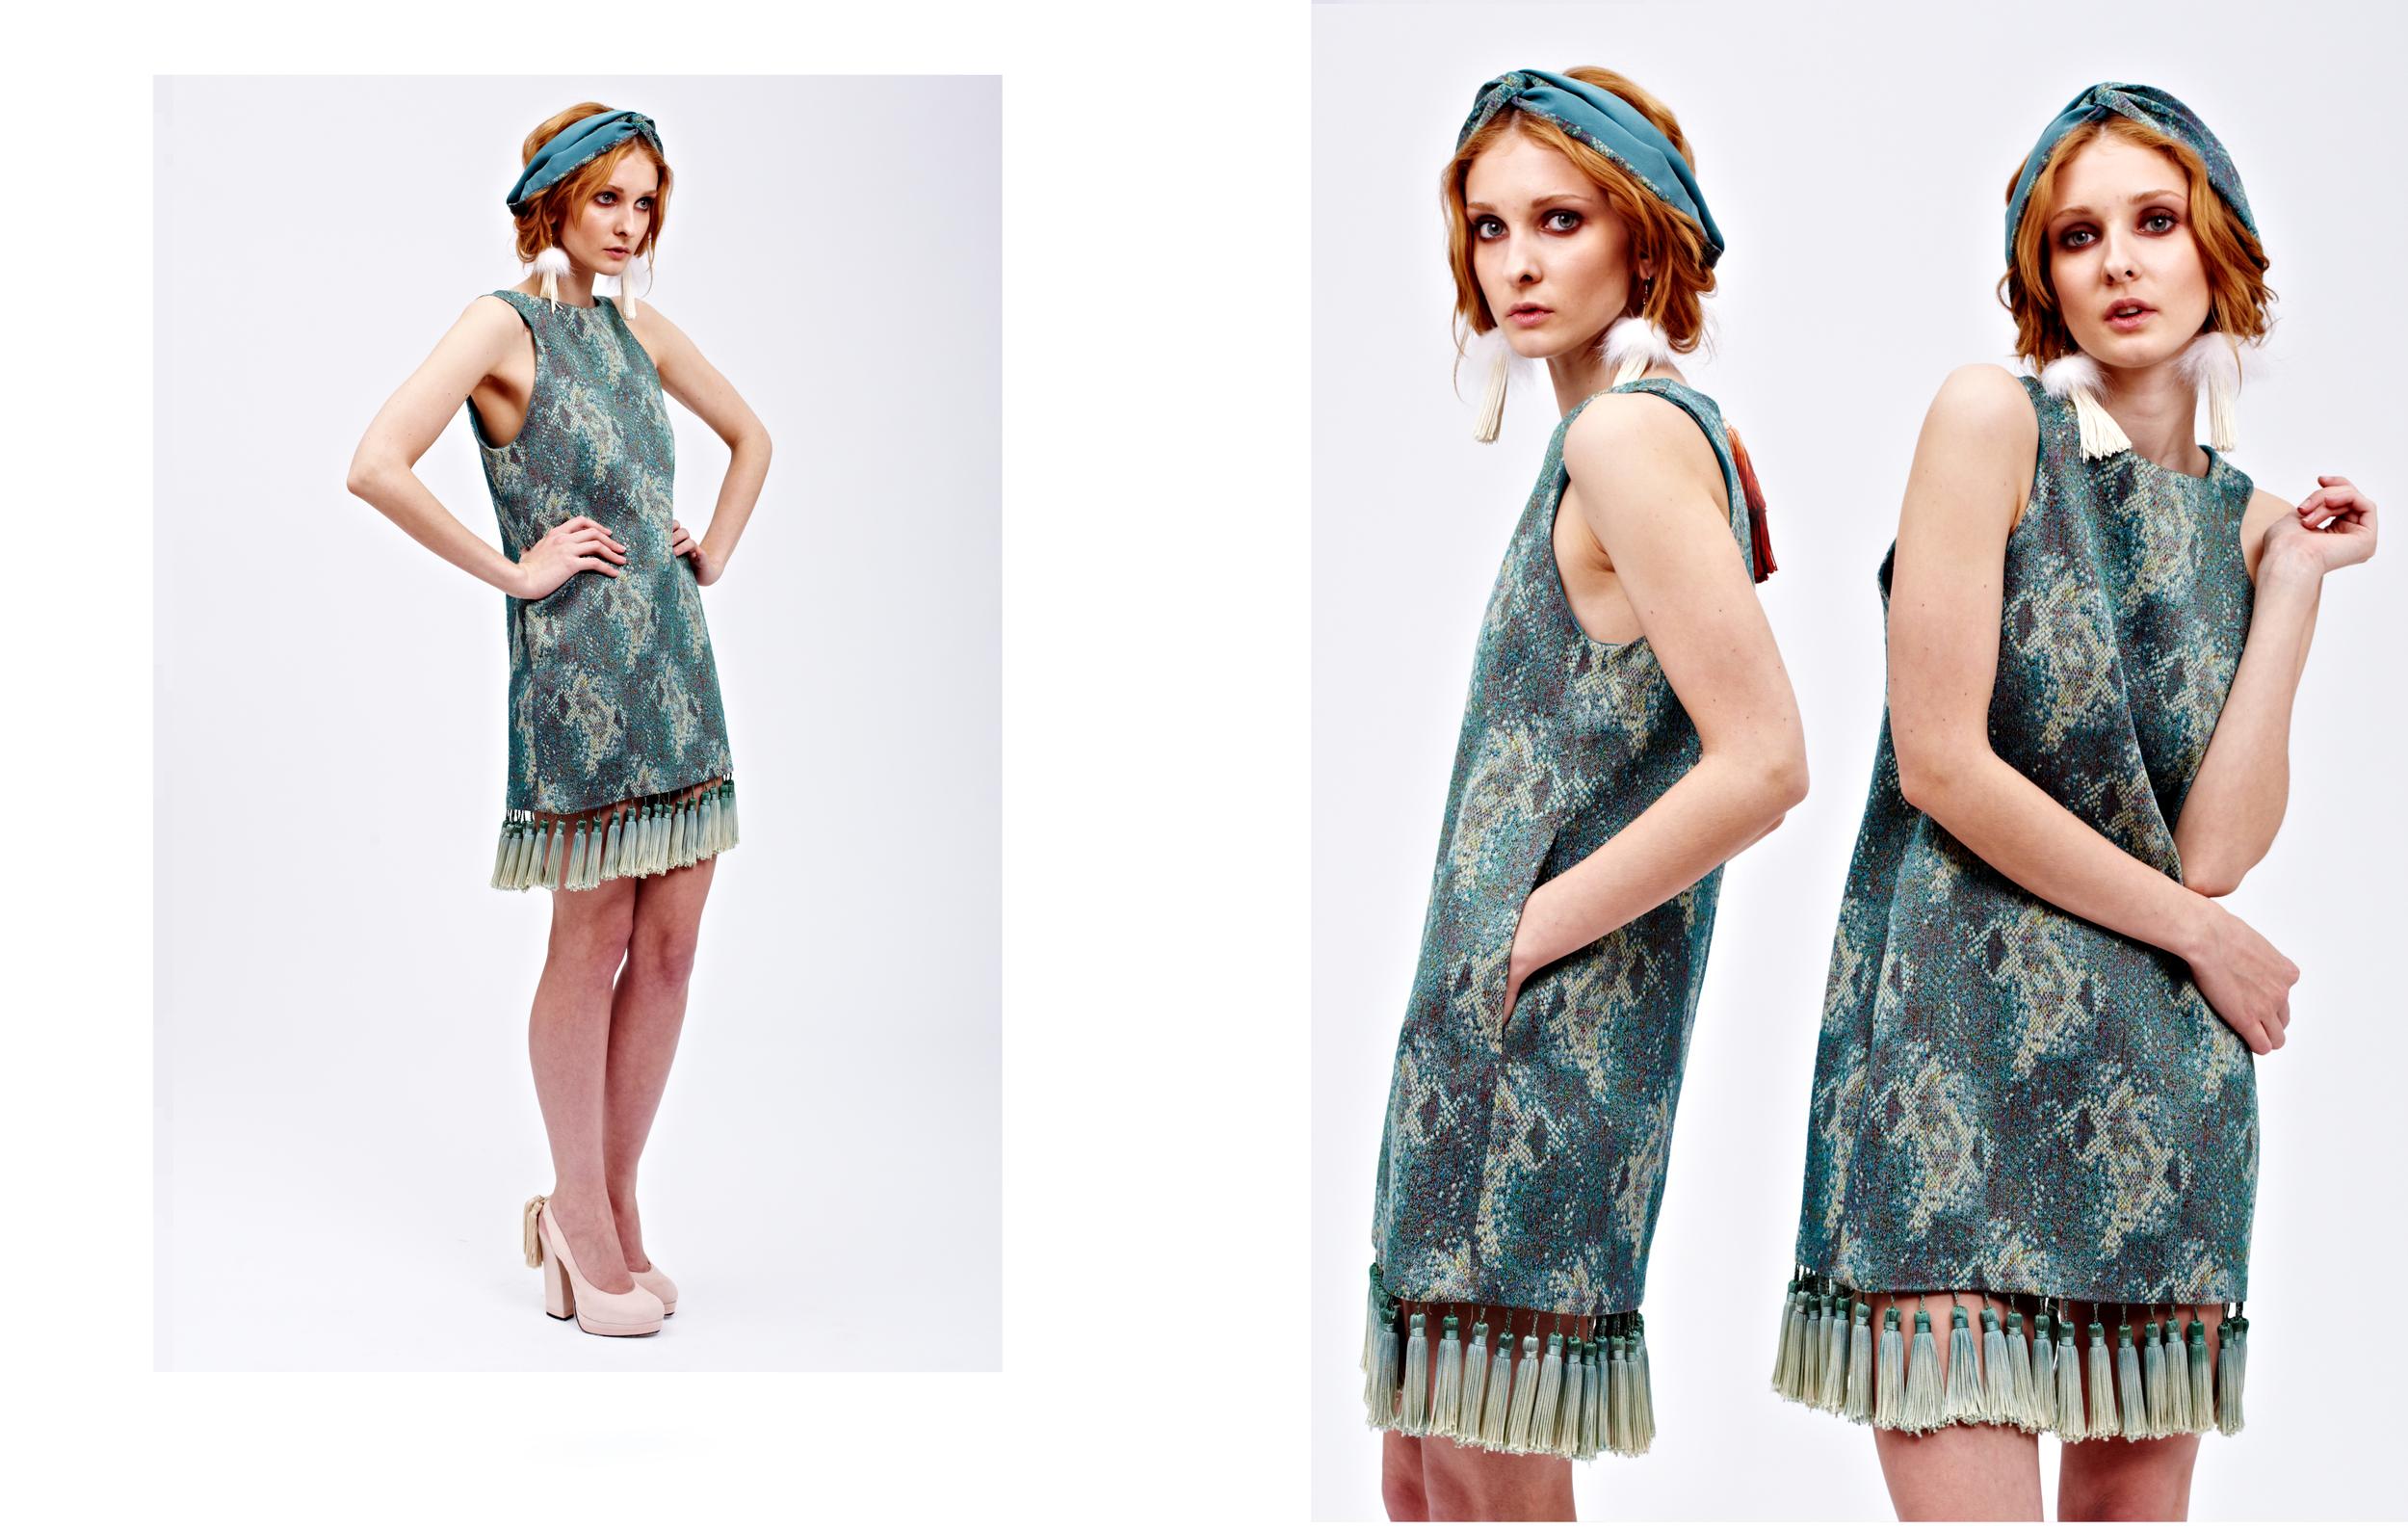 Evalina Romano uusi lookbook test3-15.jpg